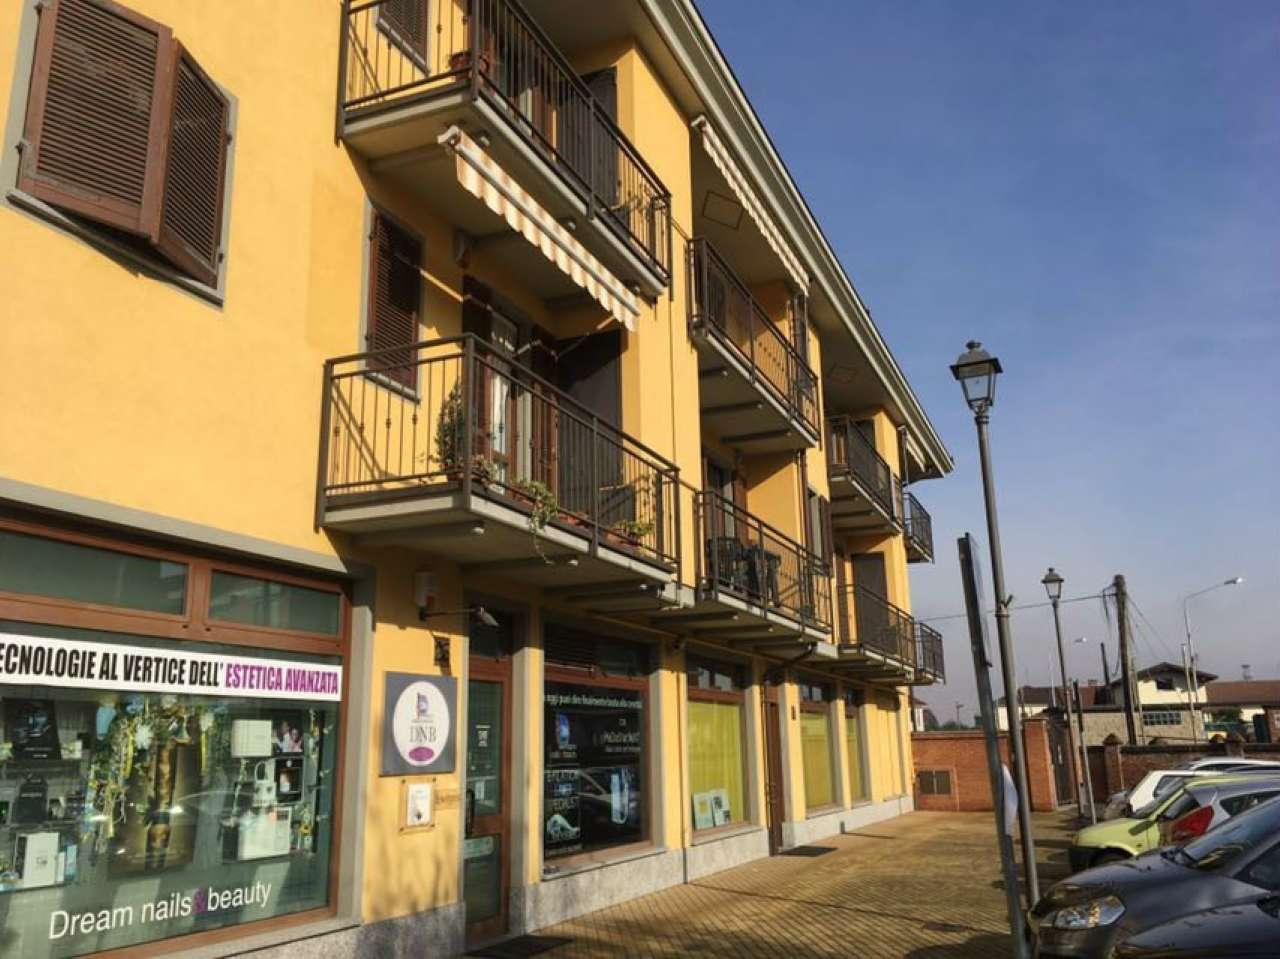 Negozio / Locale in vendita a Candiolo, 9999 locali, zona Località: Centralissima, prezzo € 225.000 | PortaleAgenzieImmobiliari.it